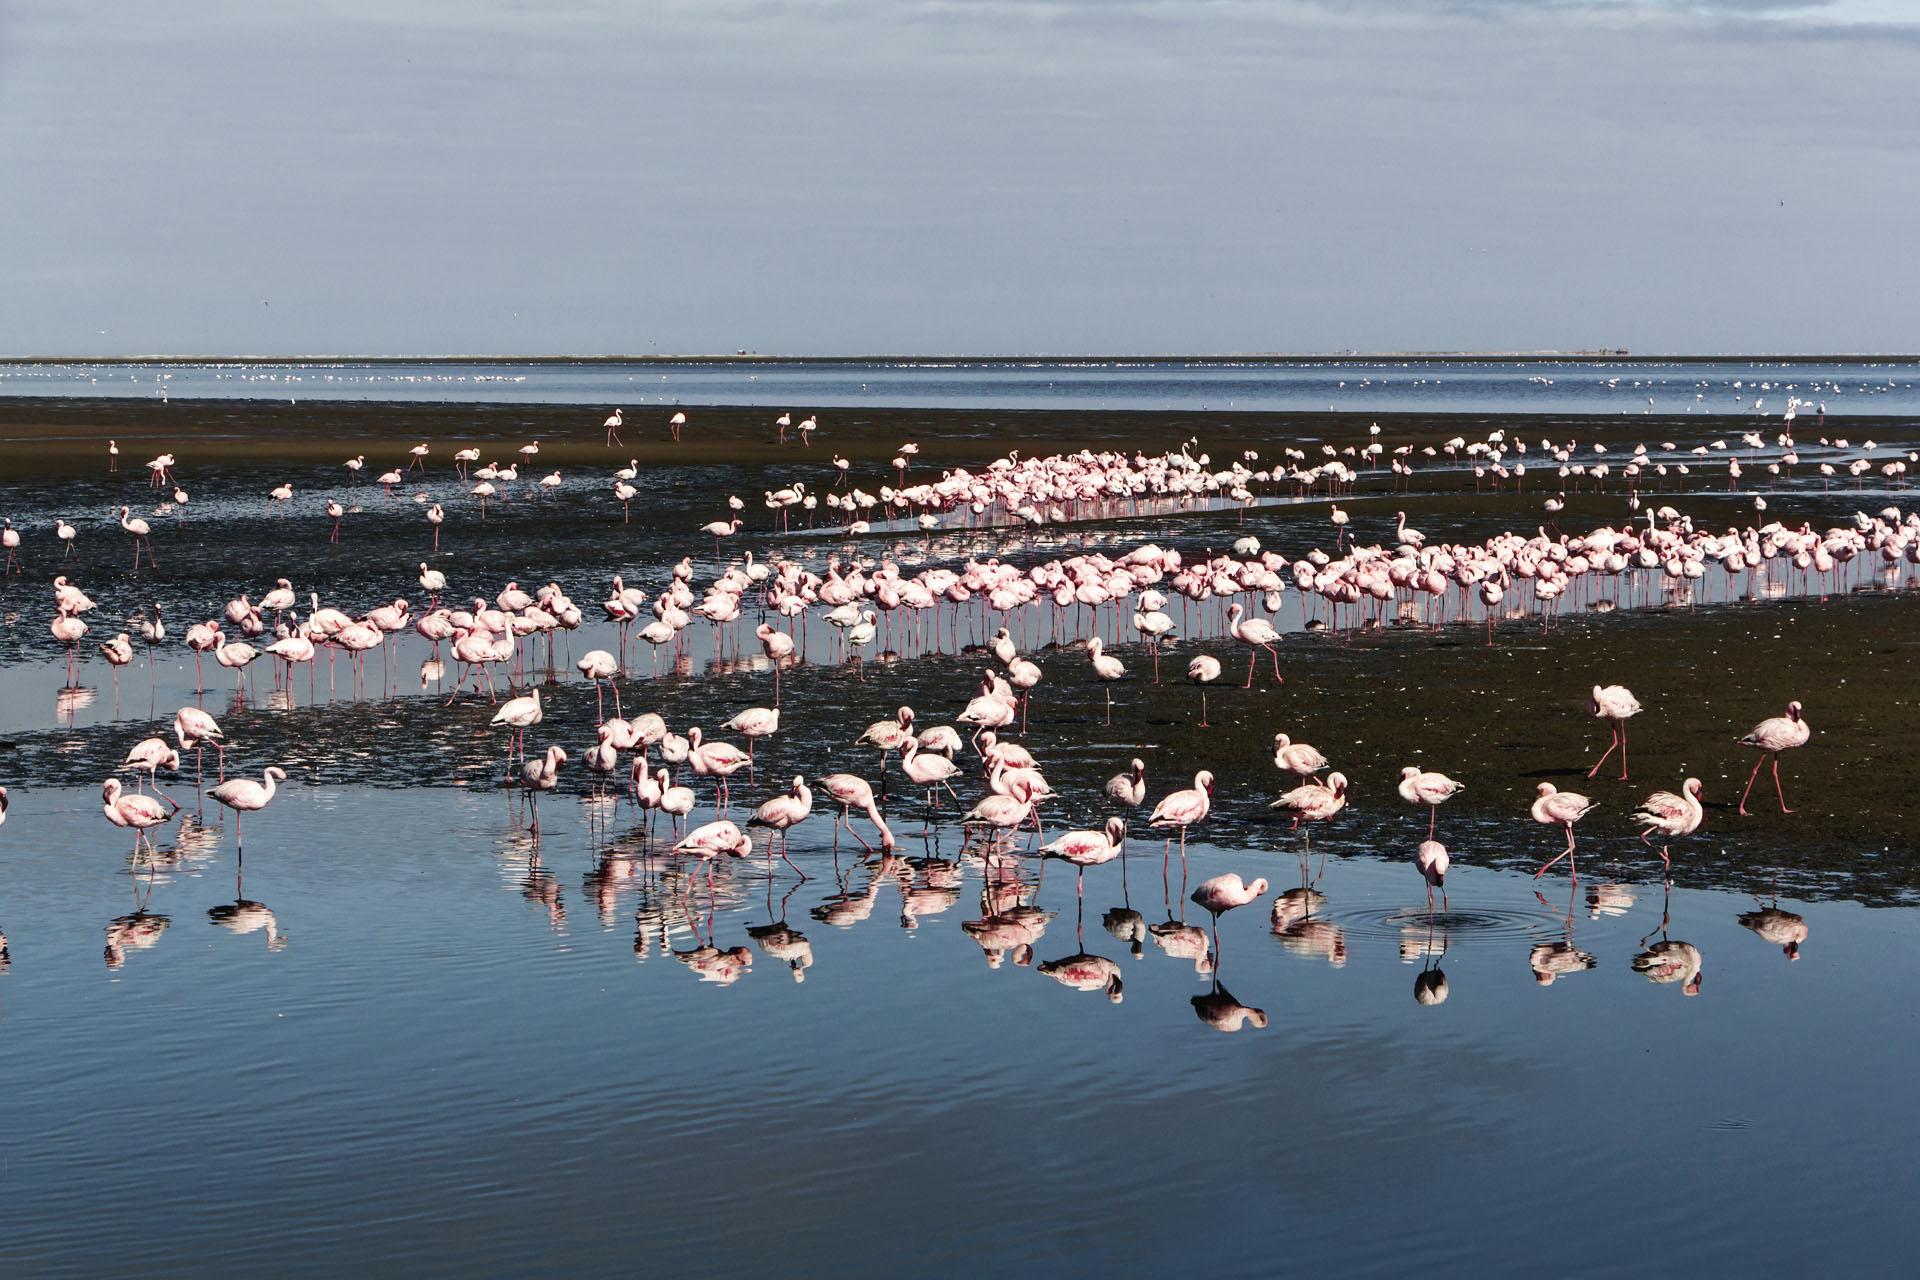 Flamingoes at Walvis Bay, Namibia